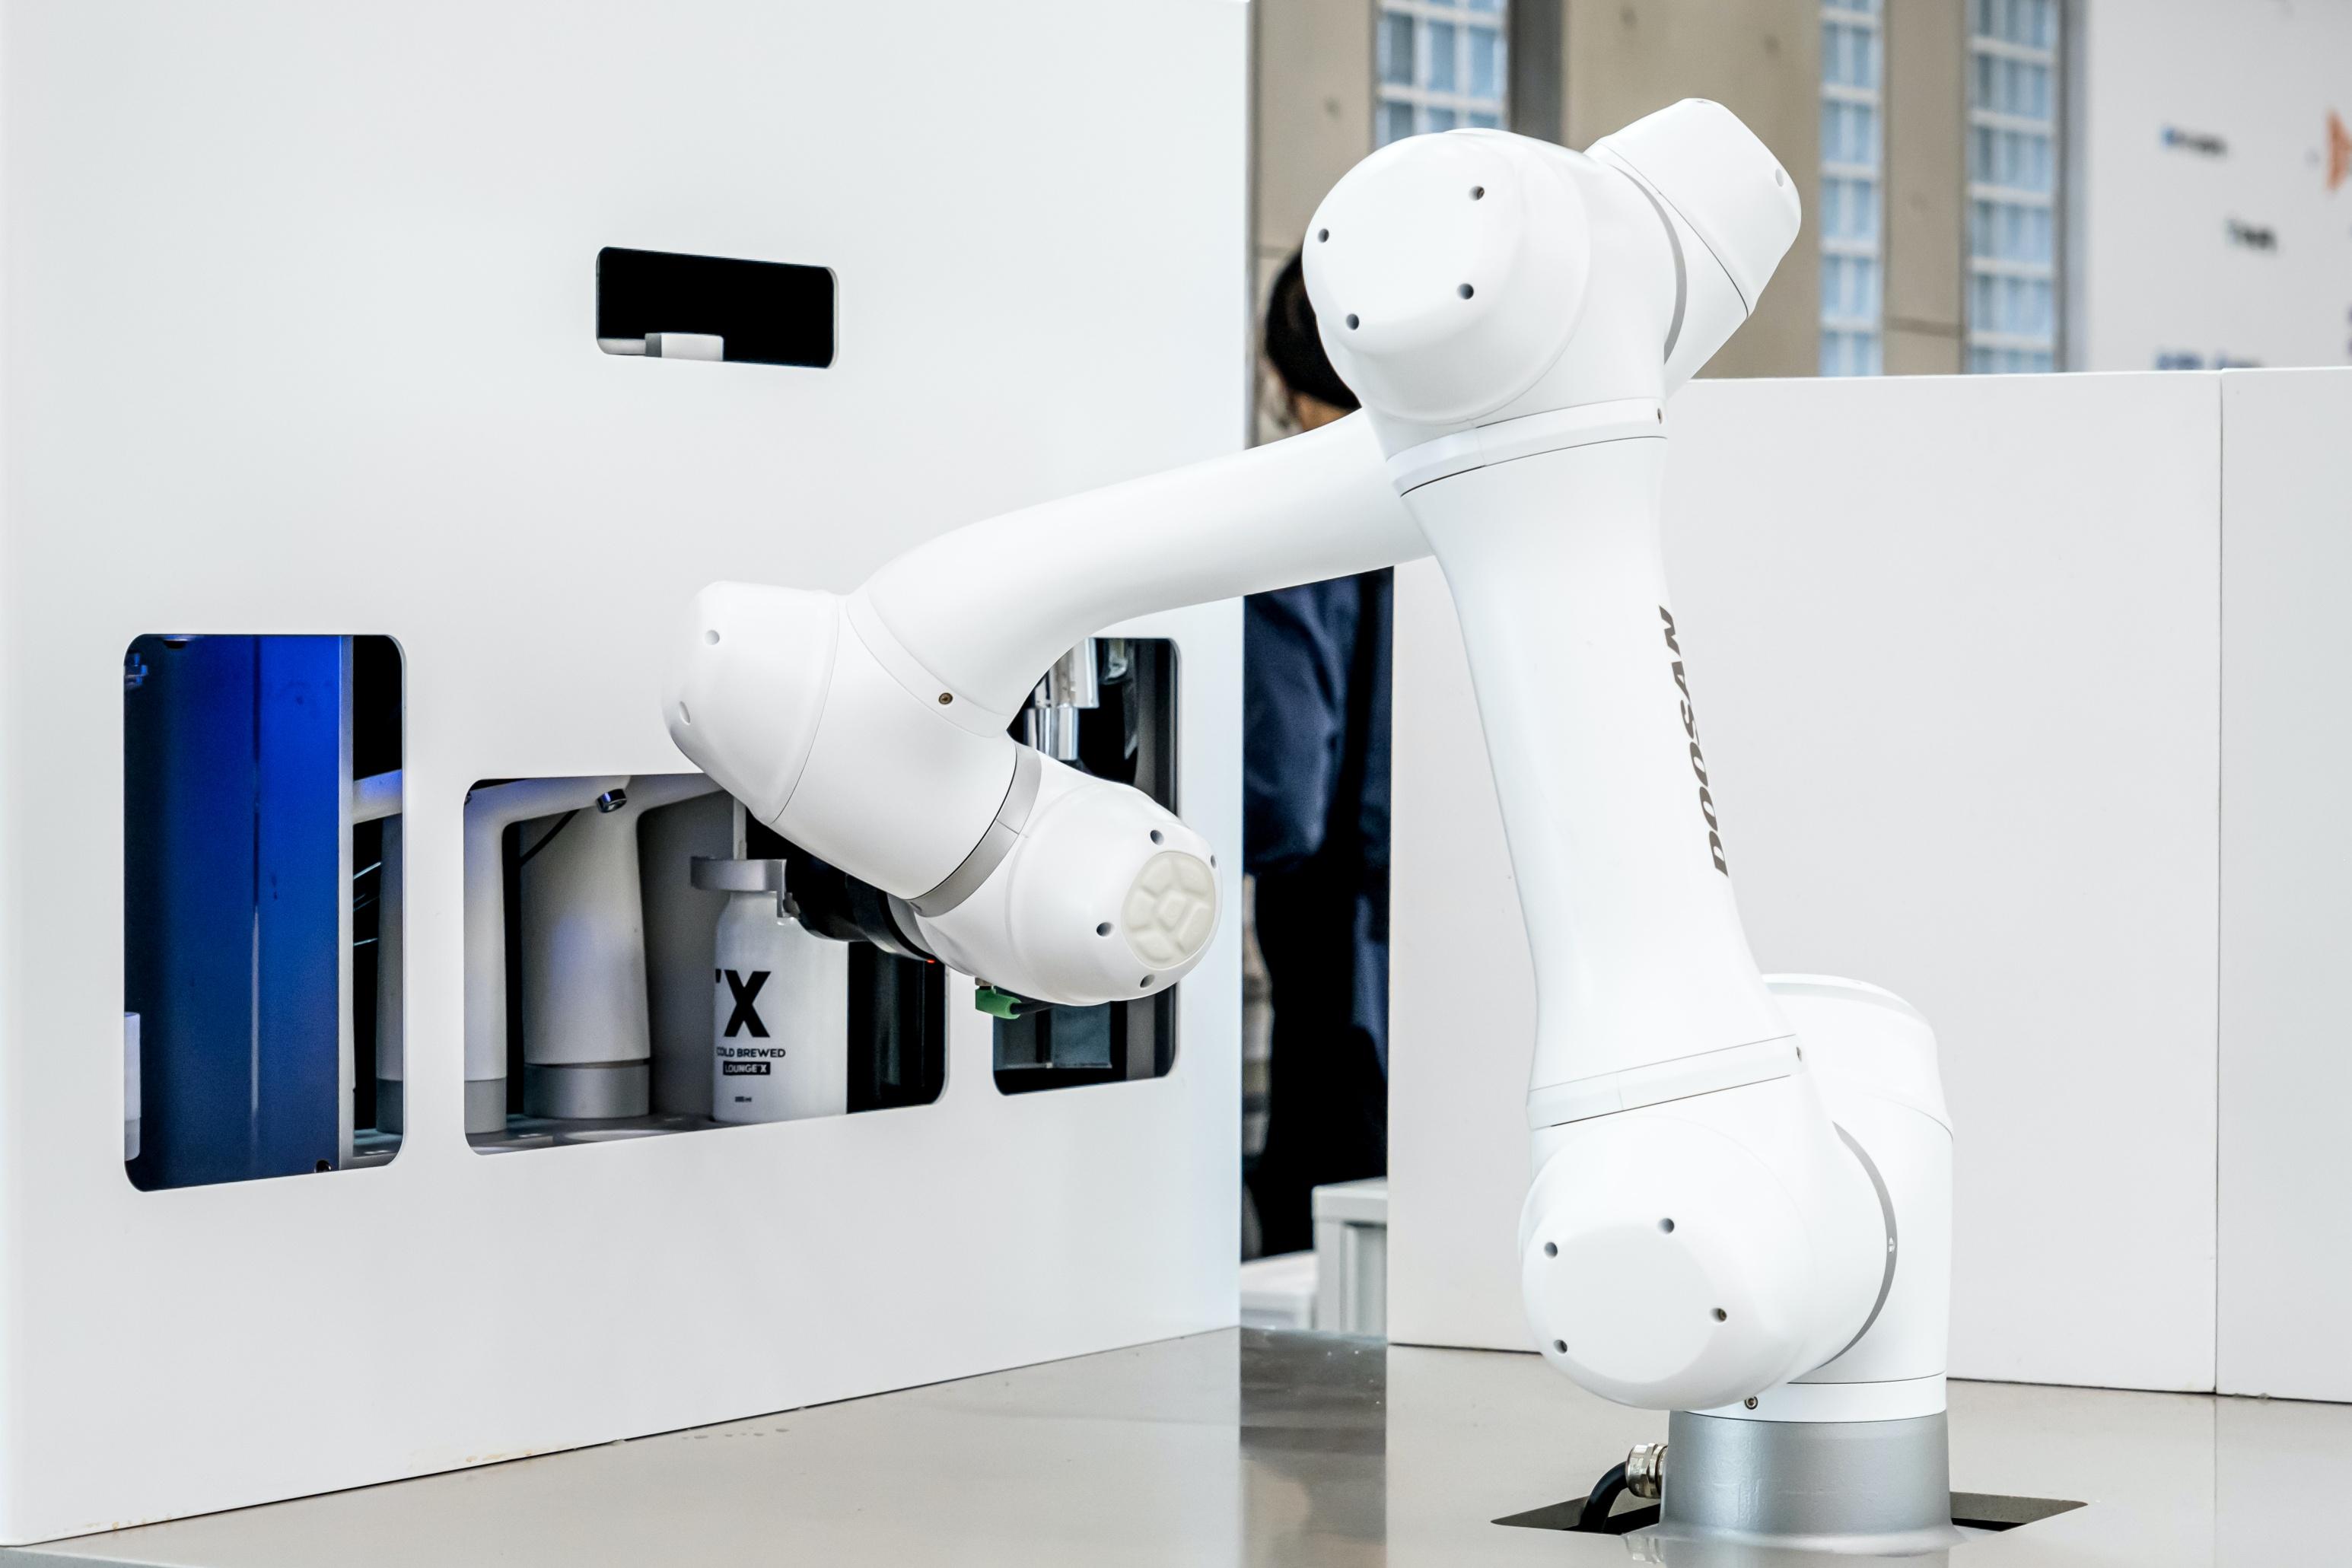 라운지랩, 배달전용 커피로봇 '바리스브루' 선보여